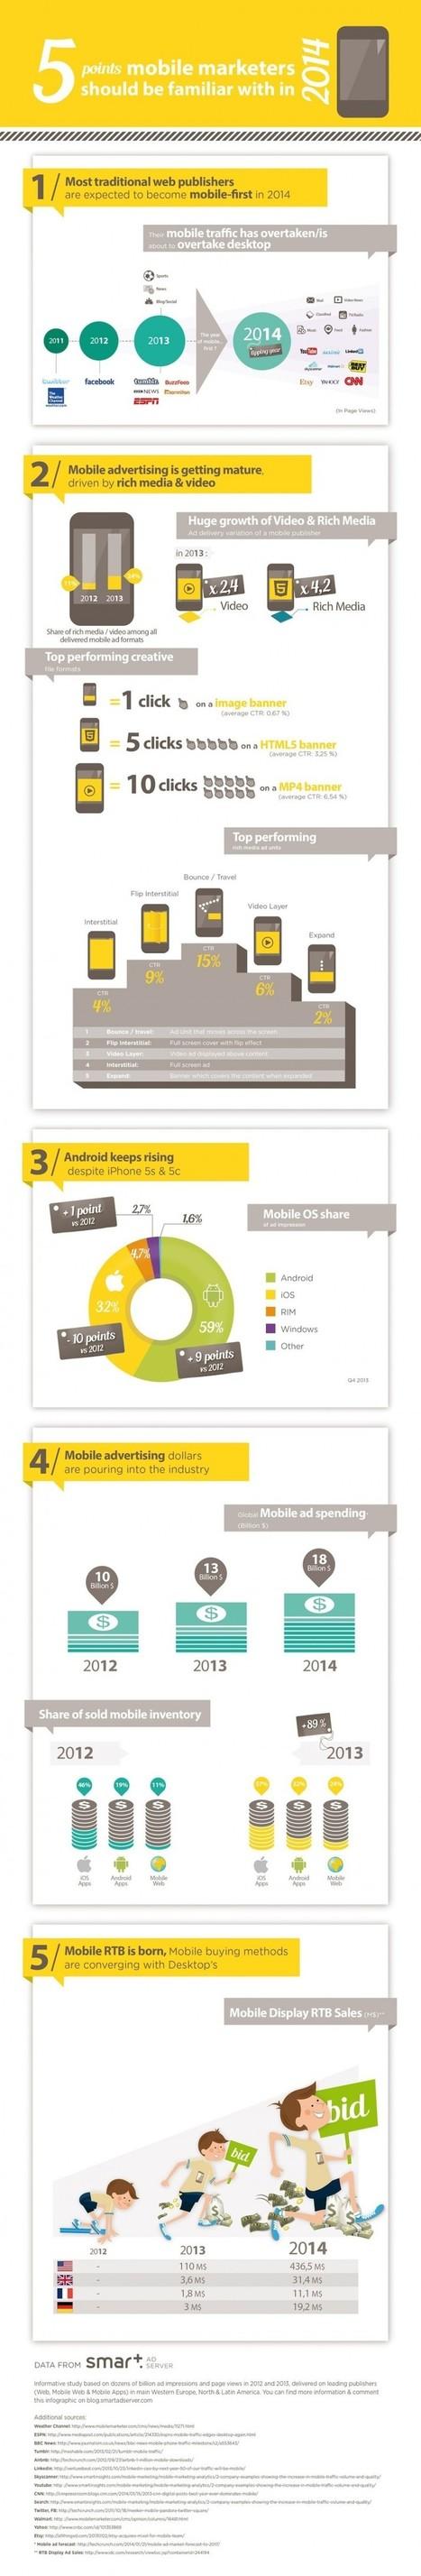 Marketing Mobile : une infographie sur 5 points à connaître en 2014 ... | La com, le web, tout ça | Scoop.it